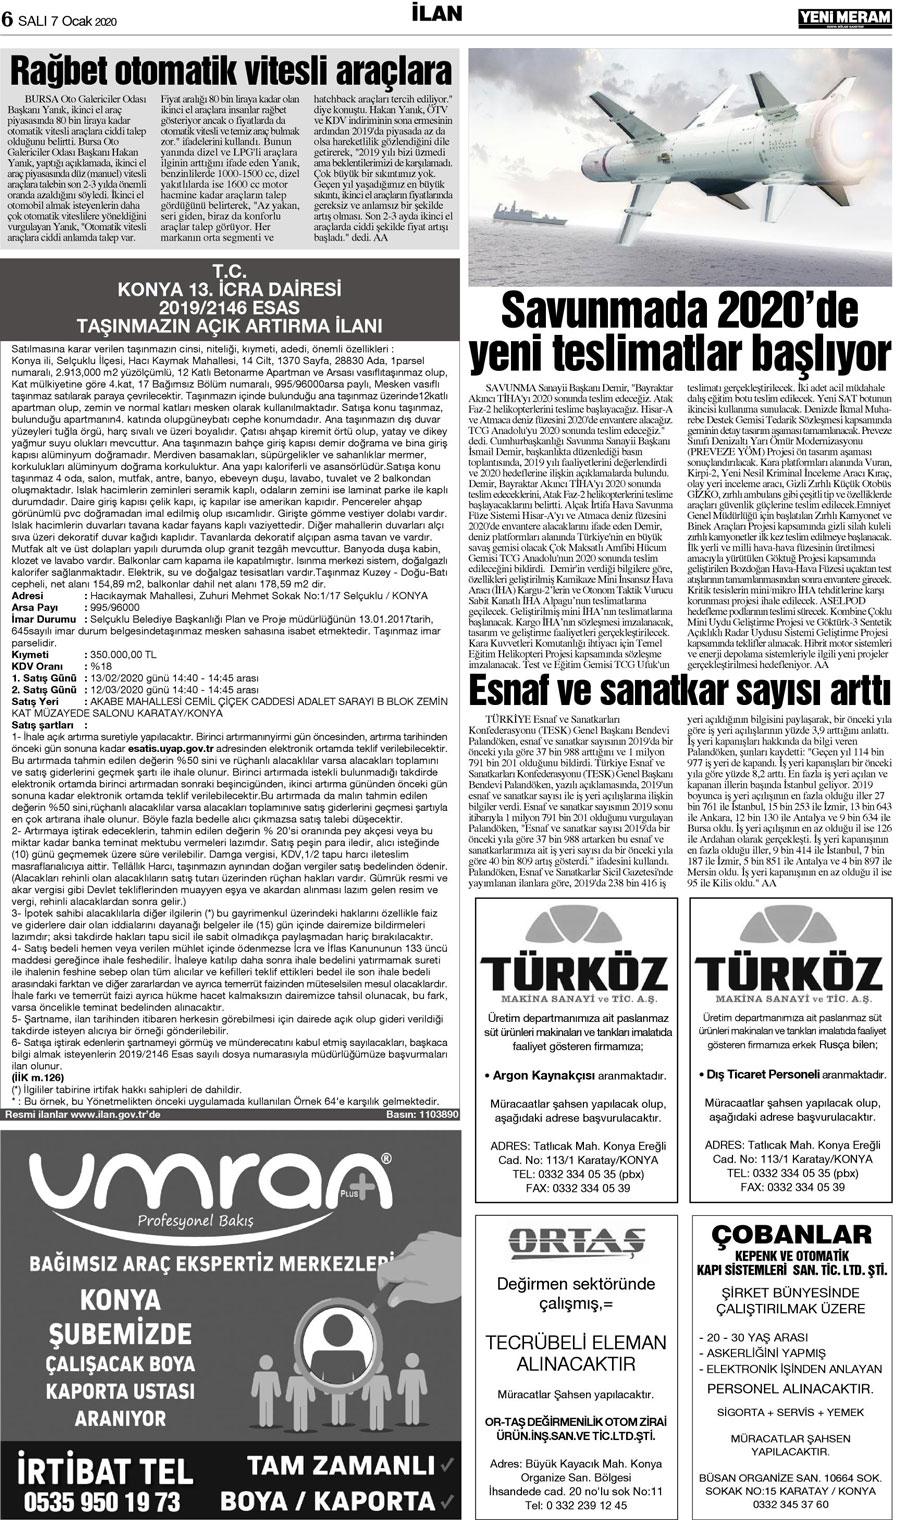 7 Ocak 2020 Yeni Meram Gazetesi Sayfa 6 12 Yeni Meram